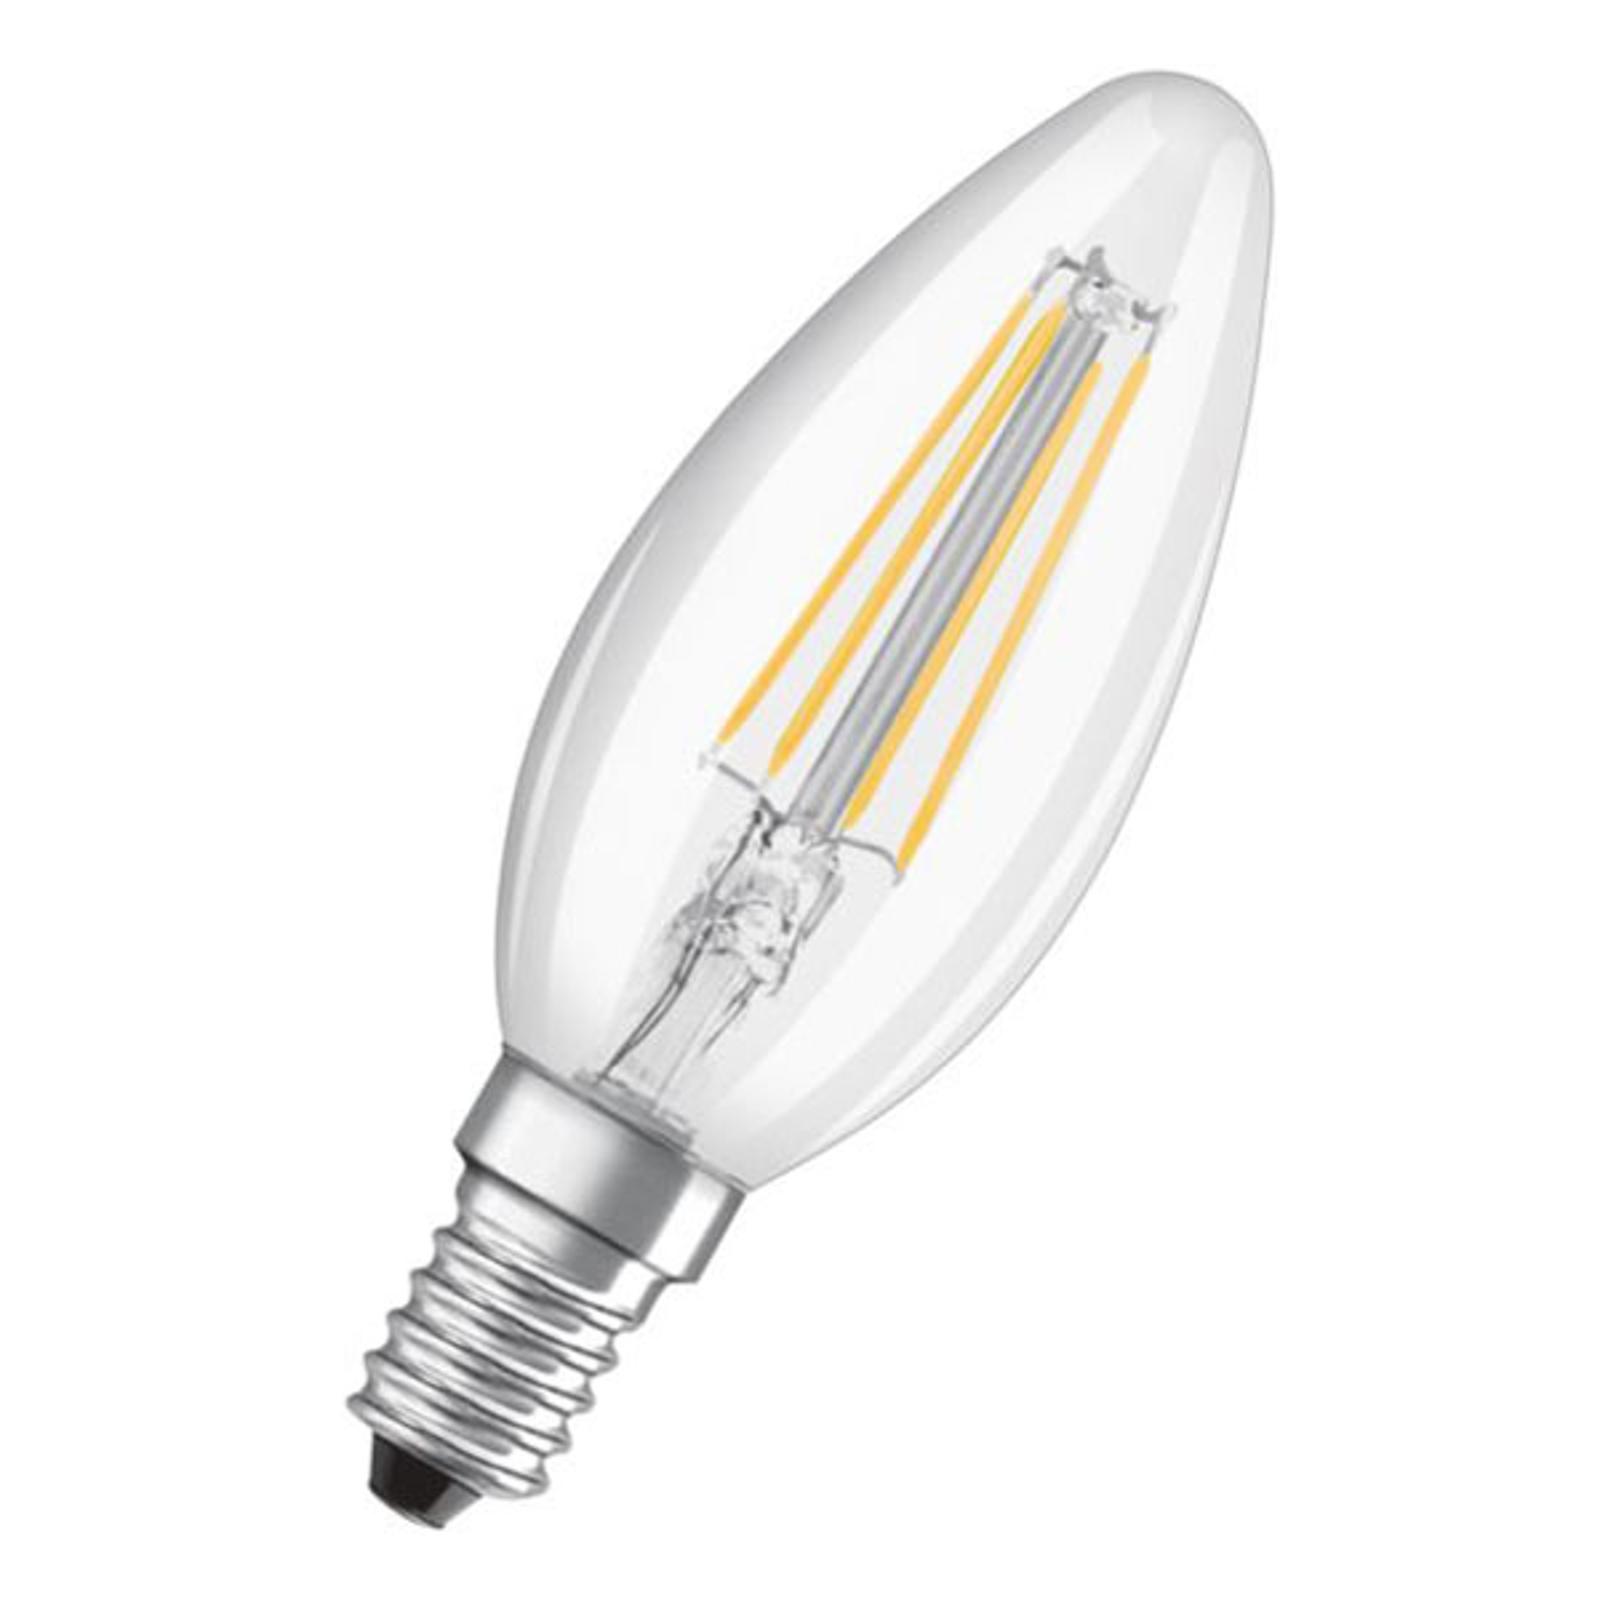 OSRAM Classic B LED-Lampe E14 4W 4.000K klar 2er